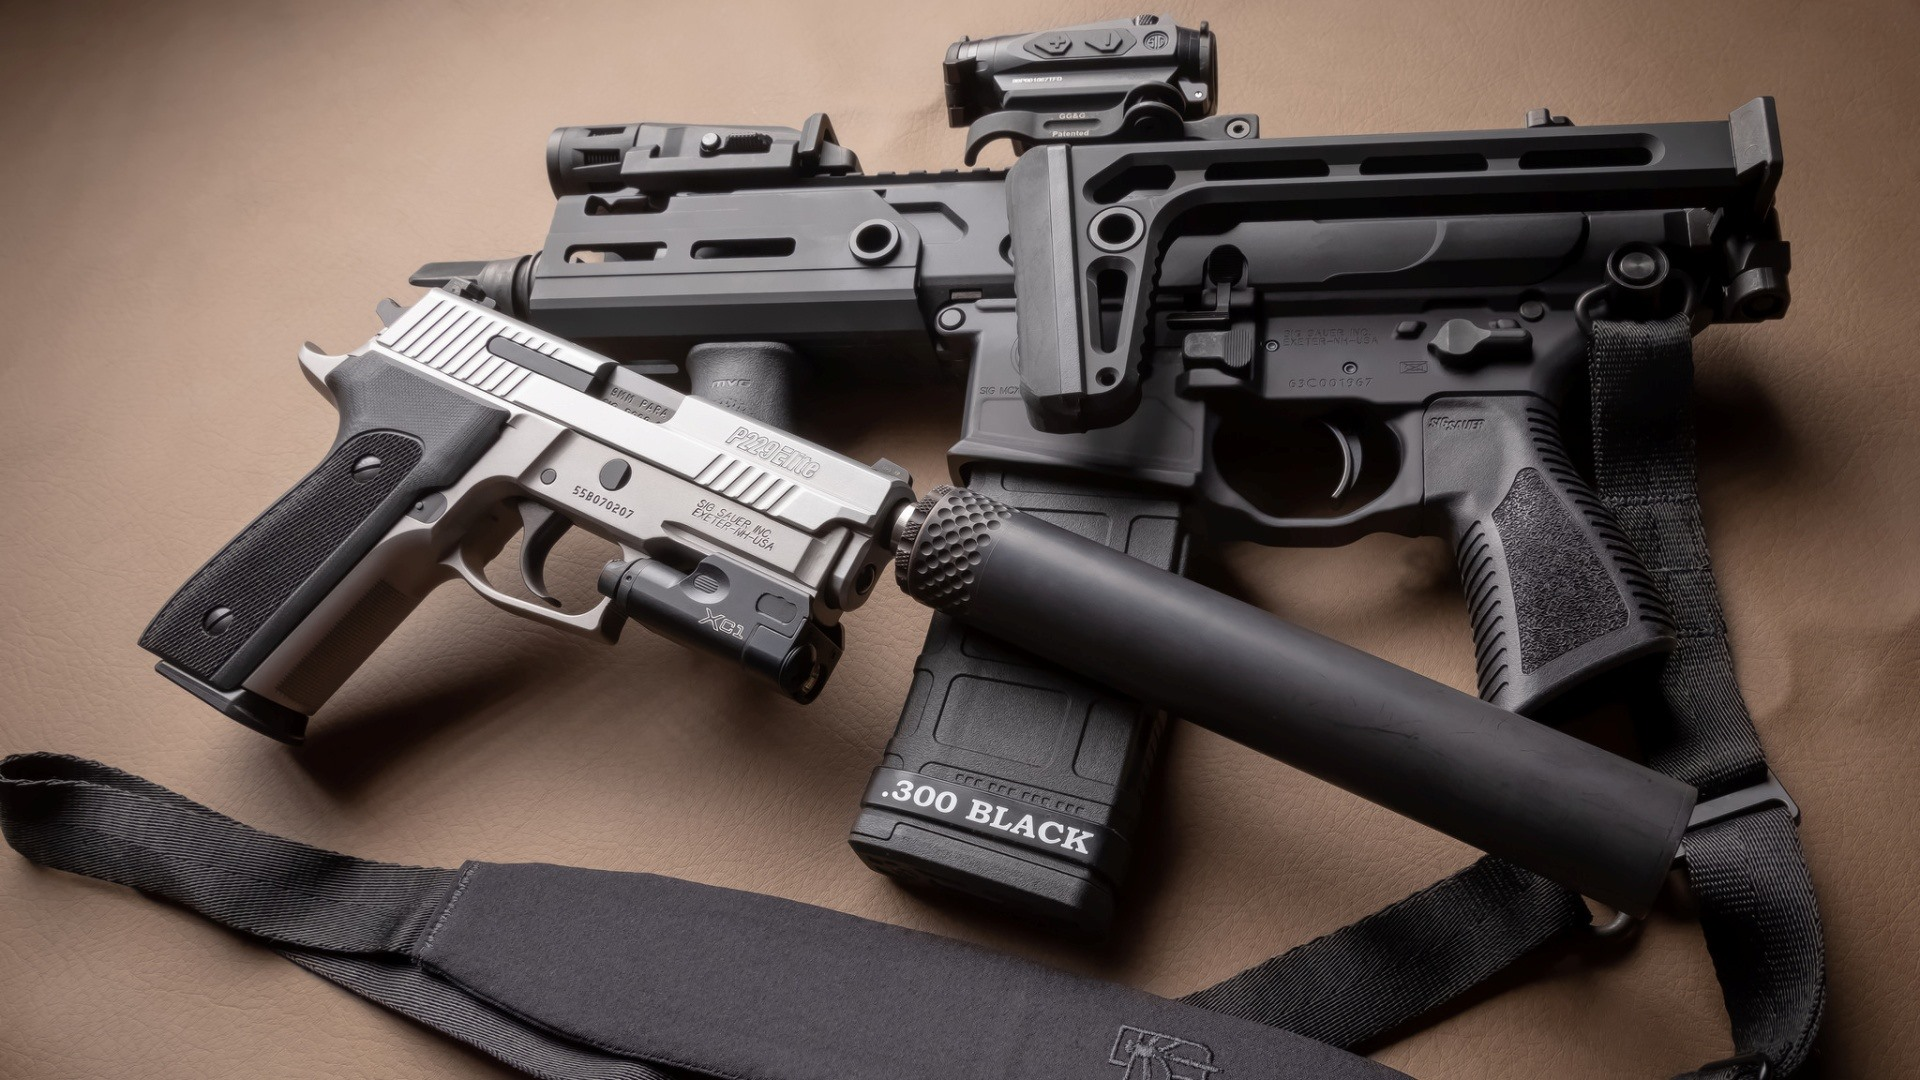 壁紙 武器 銃 ピストル マフラー 1920x1080 Full Hd 2k 無料の